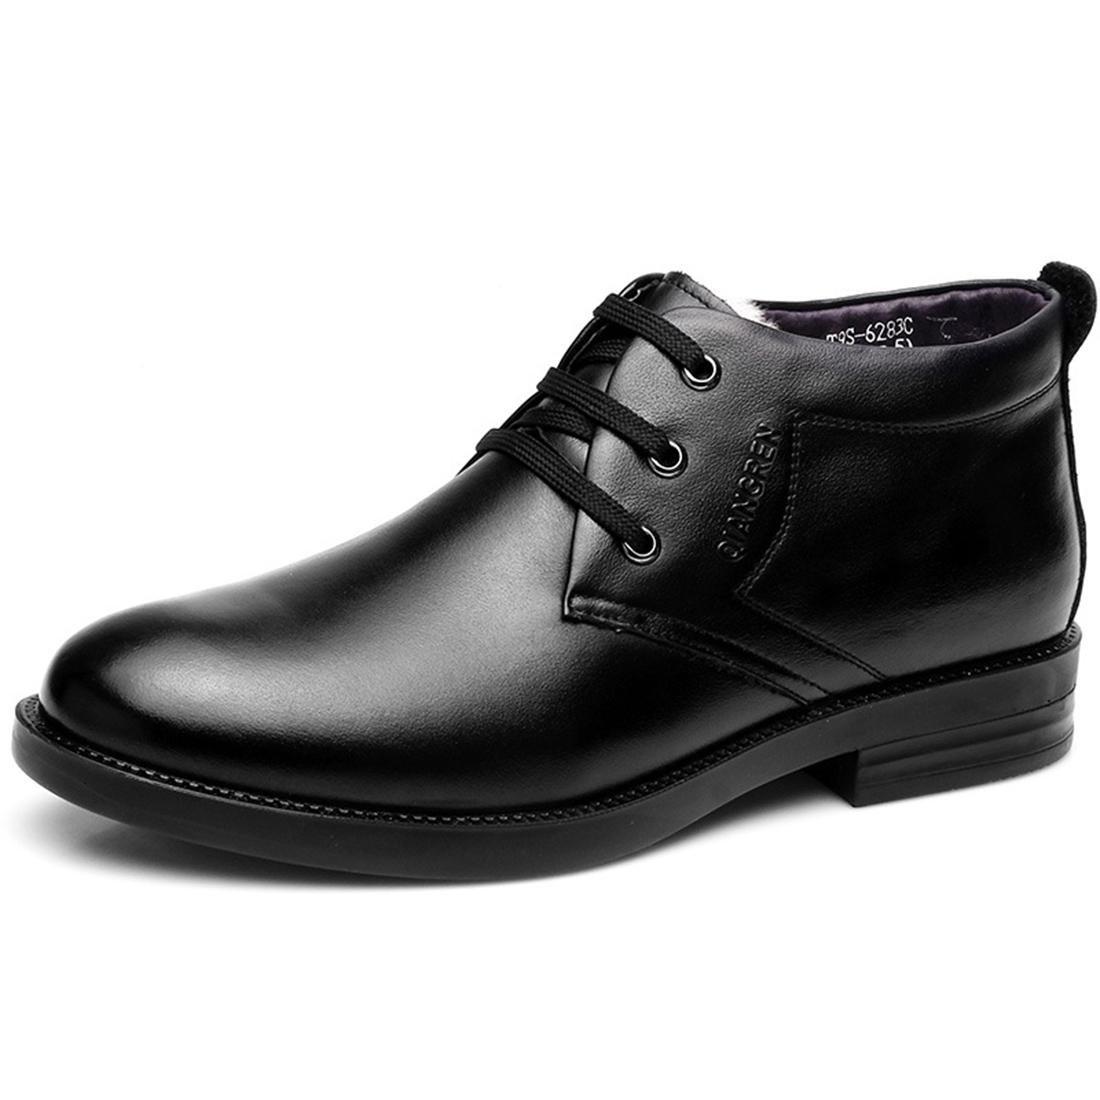 Herren Winter Schneestiefel Gemütlich Warm halten Plus Kaschmir Lederschuhe Geschäft Lederschuhe Formelle Kleidung Stiefel Werkzeug Schuhe EUR GRÖSSE 38-44